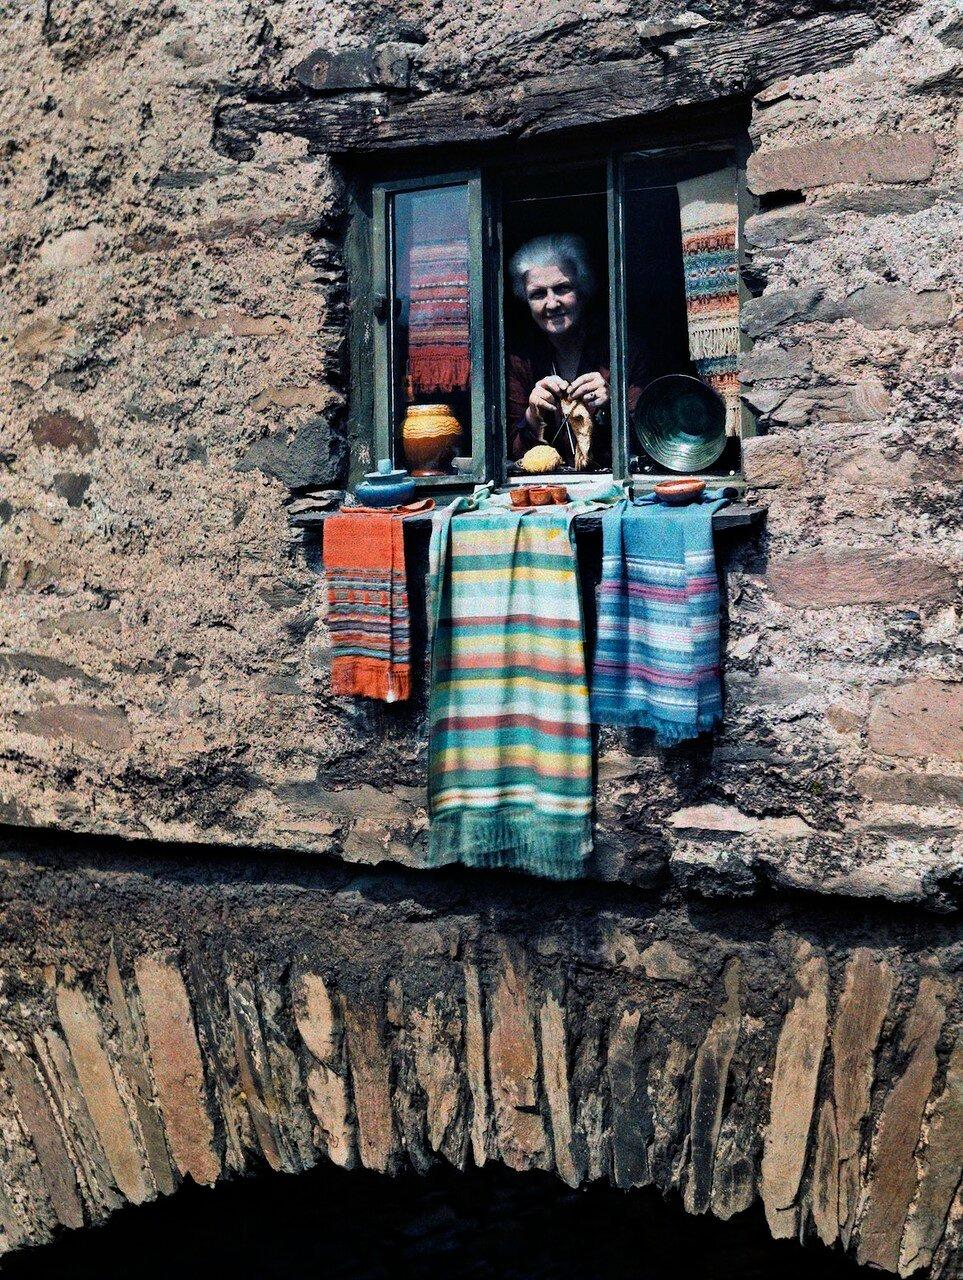 Женщина выглядывает из окна каменного дома в Эмблсайд, Лейк-Дистрикт (Озёрный край), Камбрия, Англия